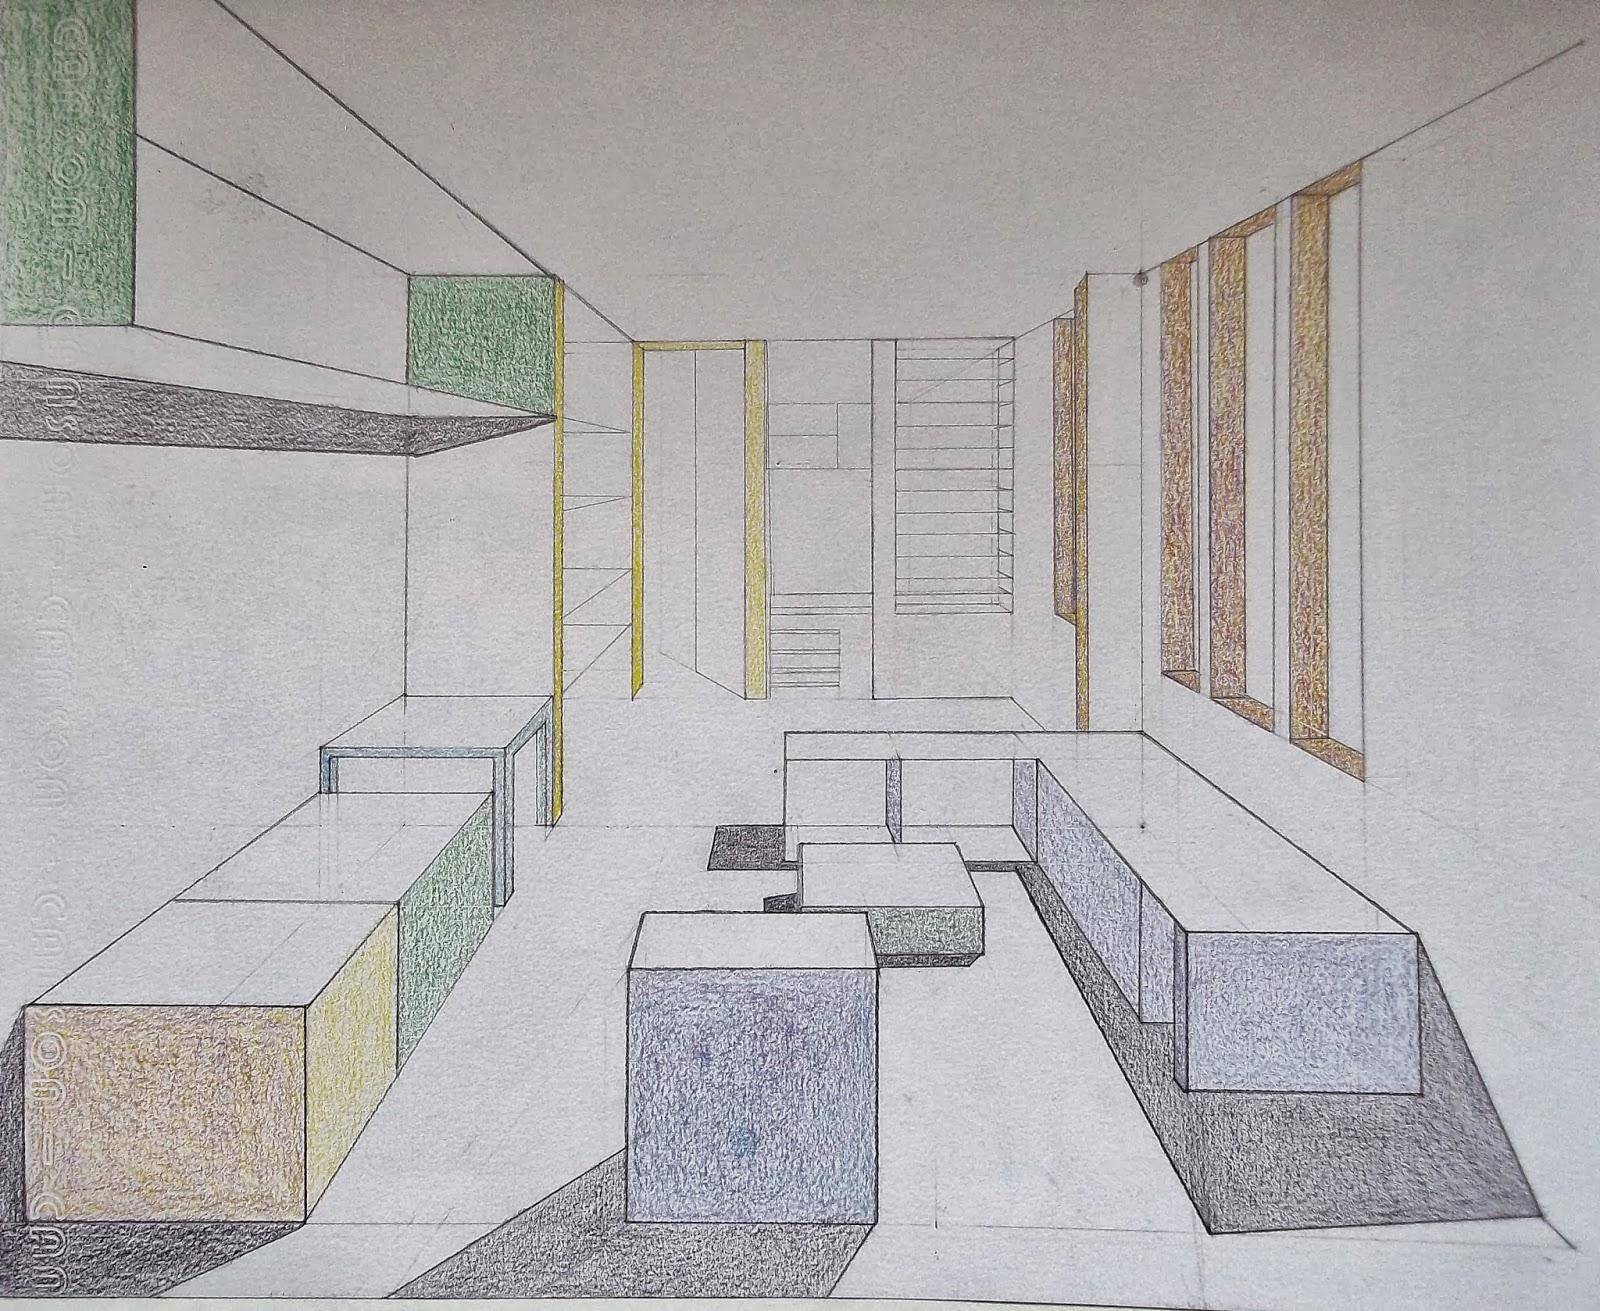 arquitectura y dise o perspectiva de espacio interior